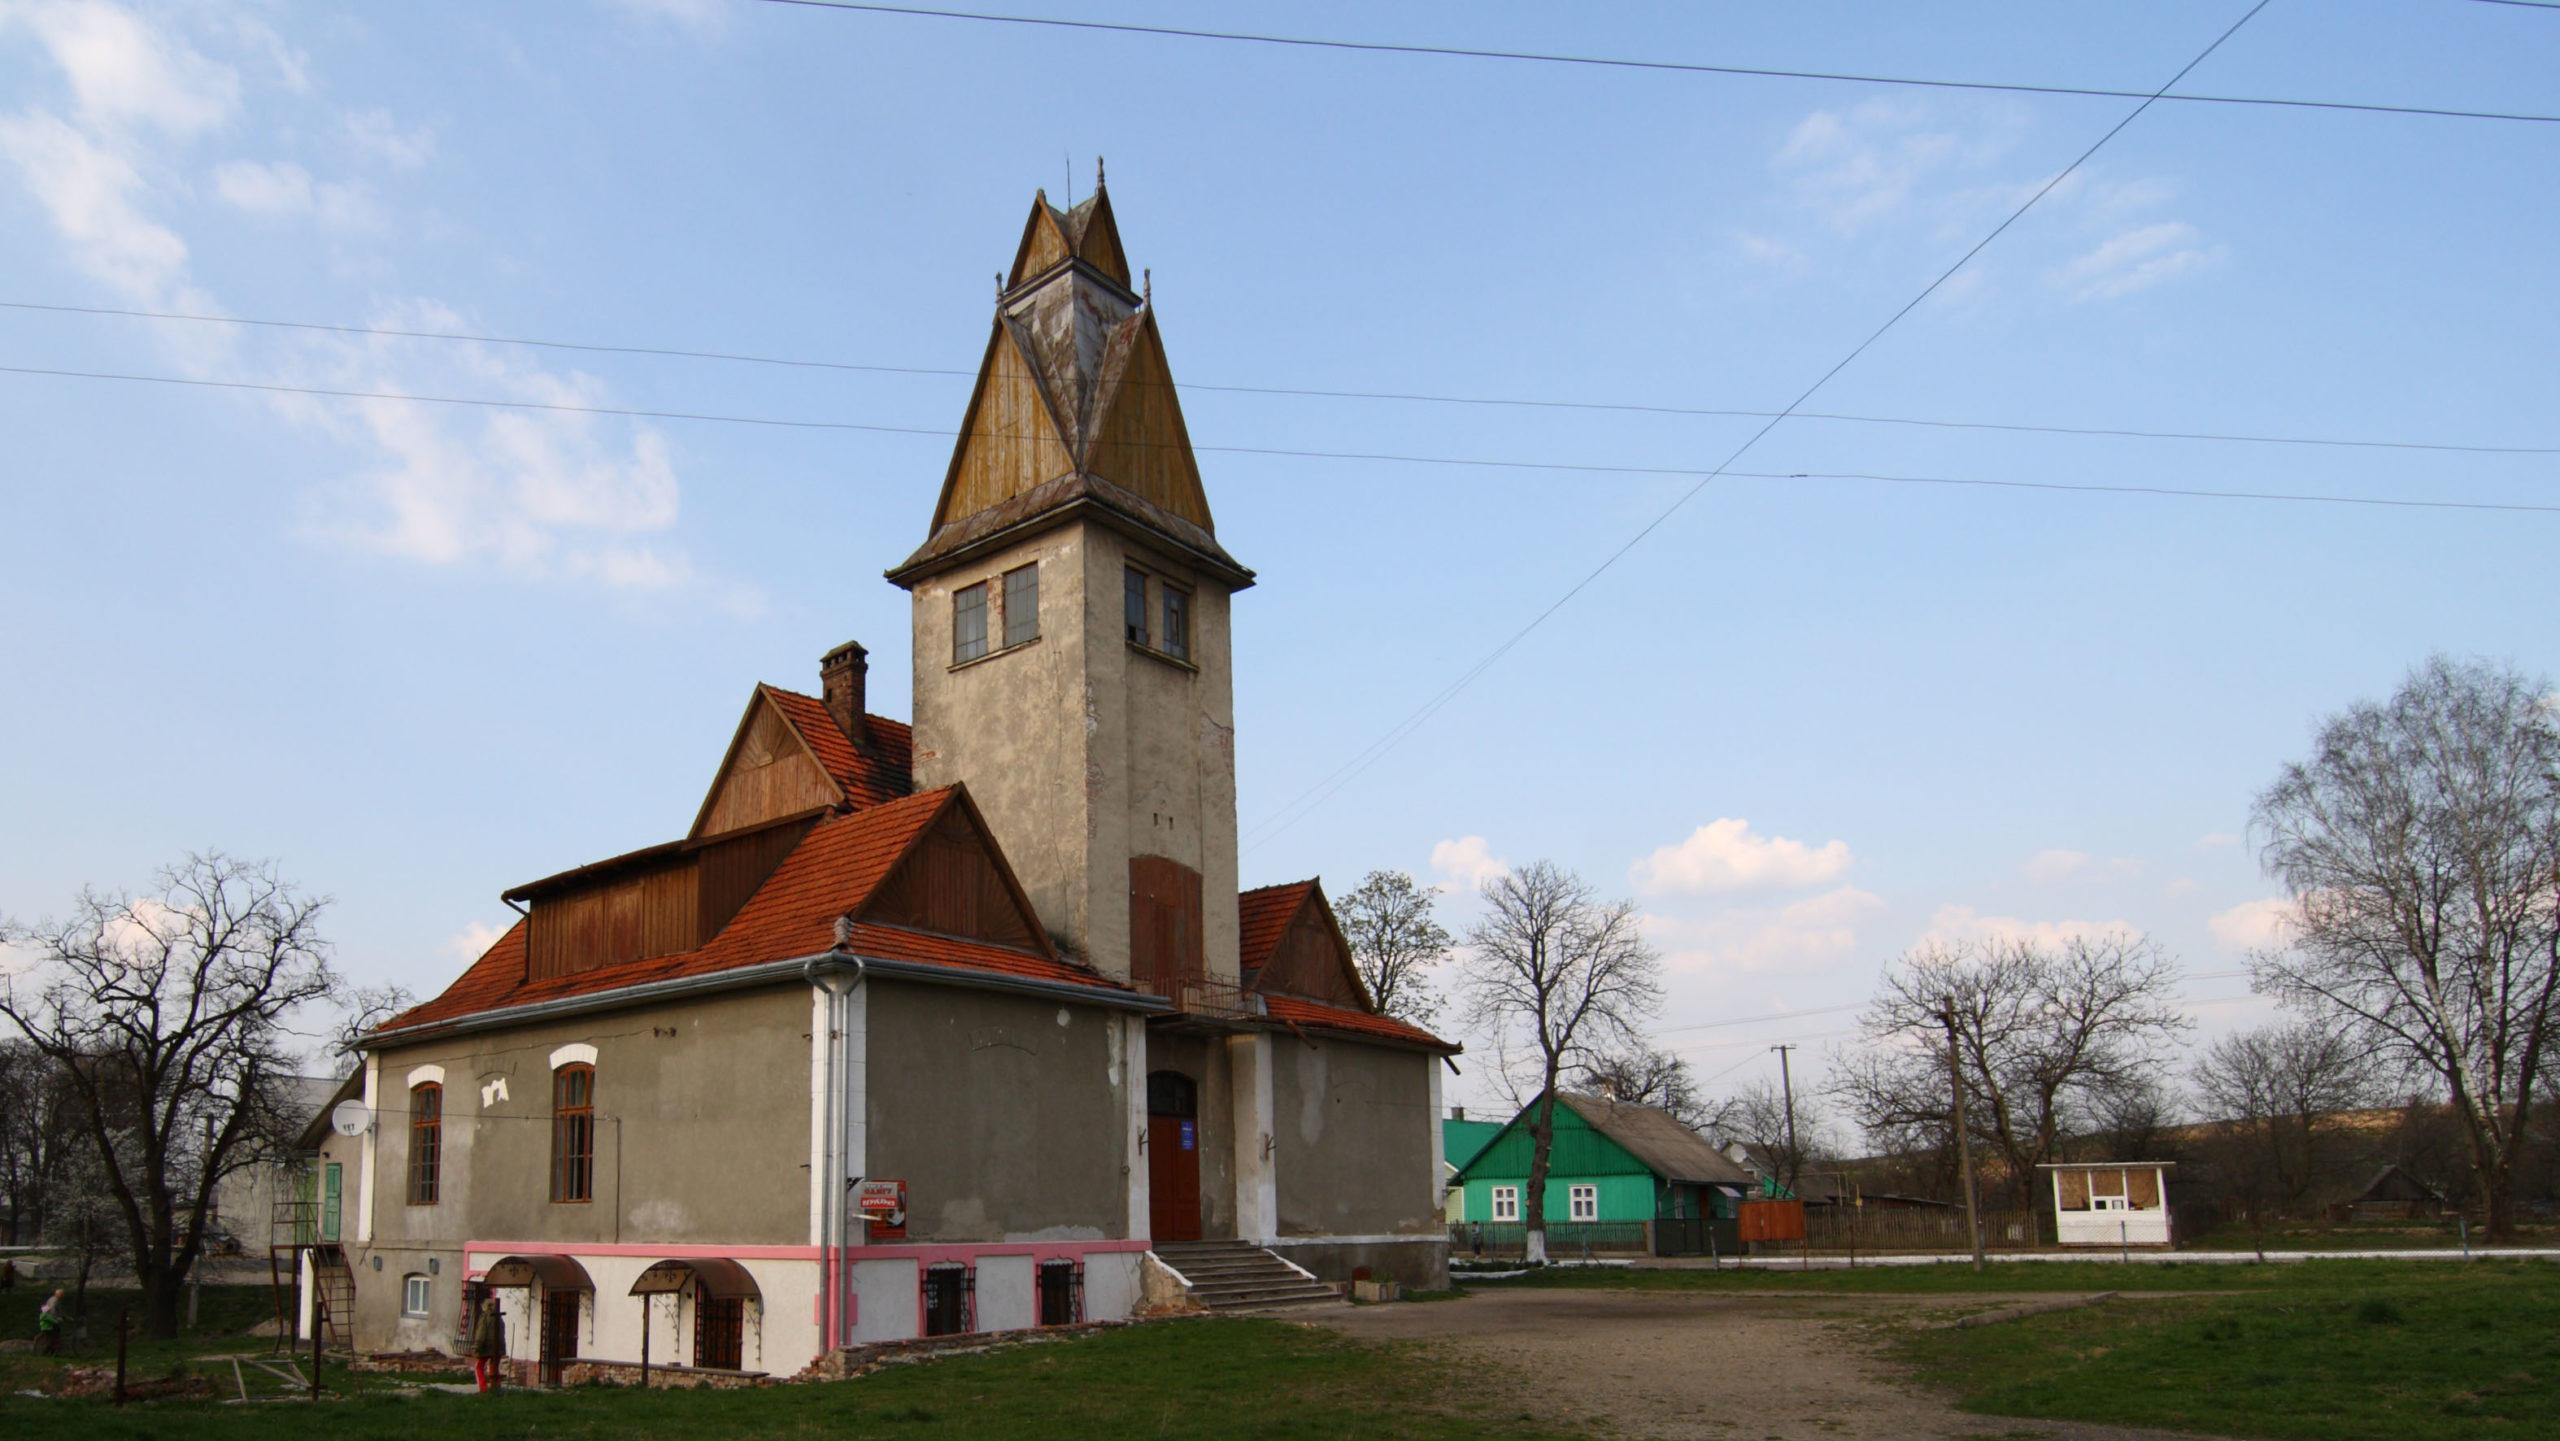 Так ратуша выглядела до начала работ. Фото — Виталий Ищук.